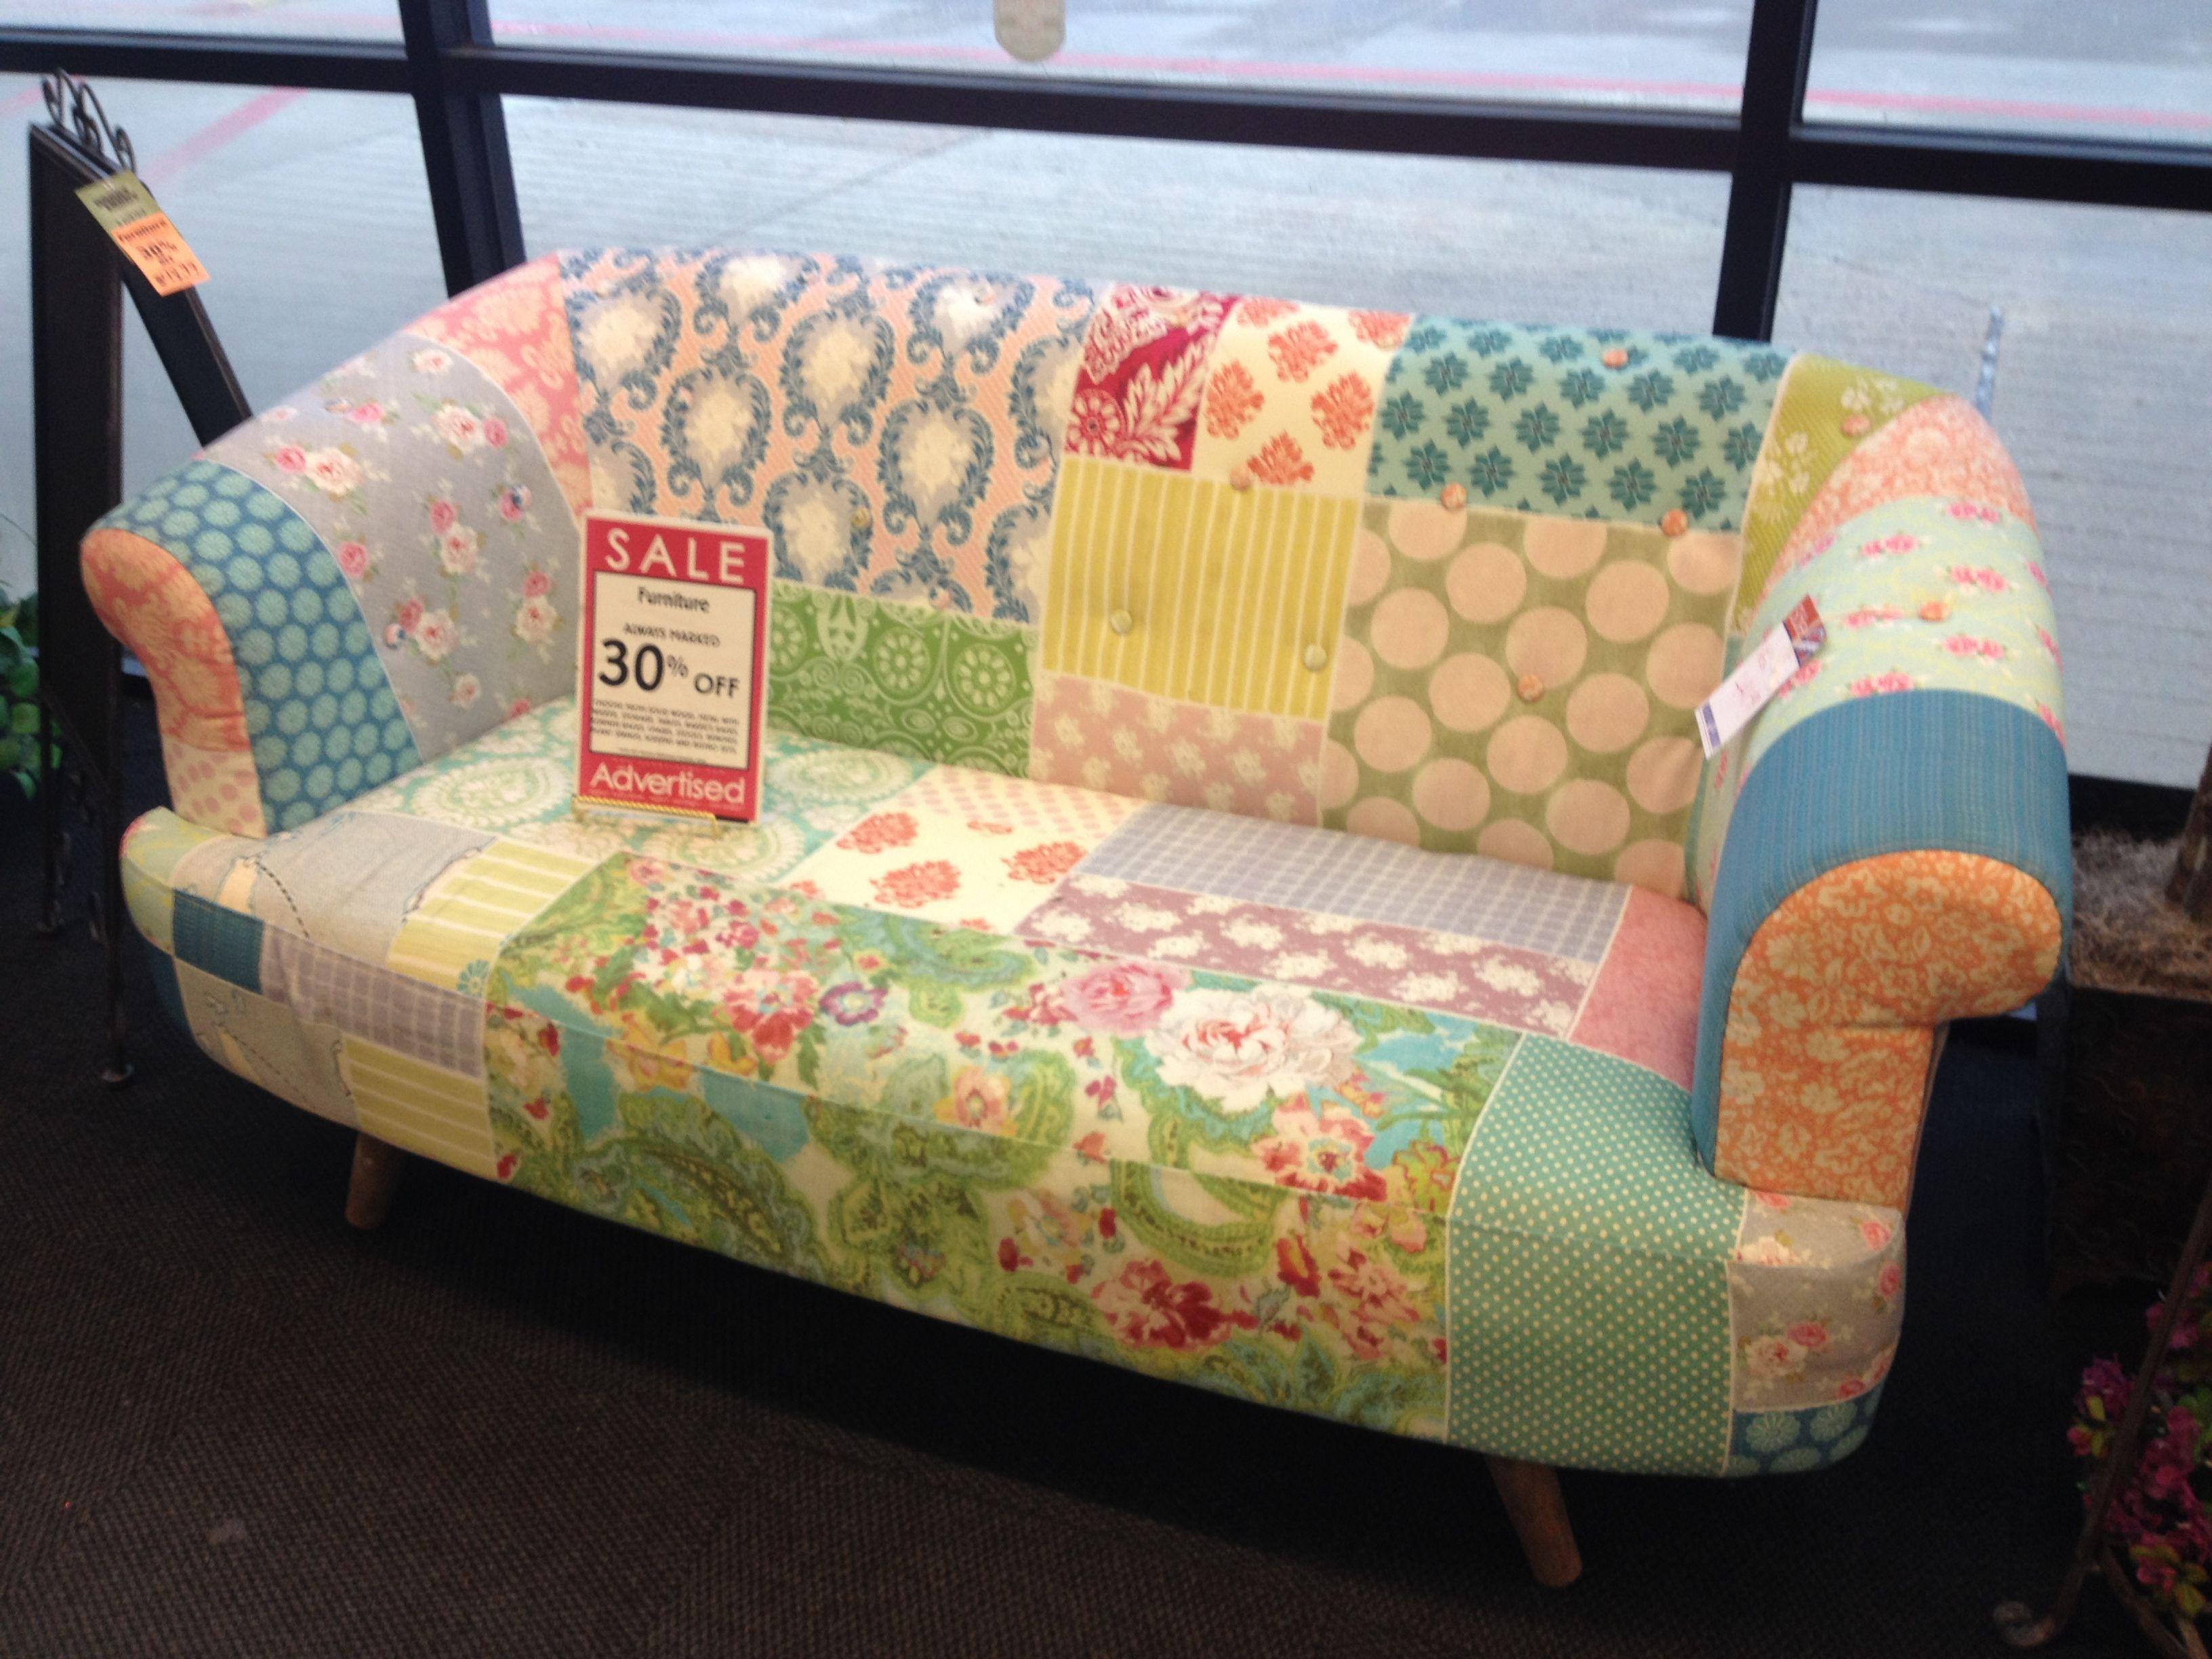 Beeindruckend Sofa Patchwork Dekoration Von To Put Grandmothers Quilt Onto A Sofa.